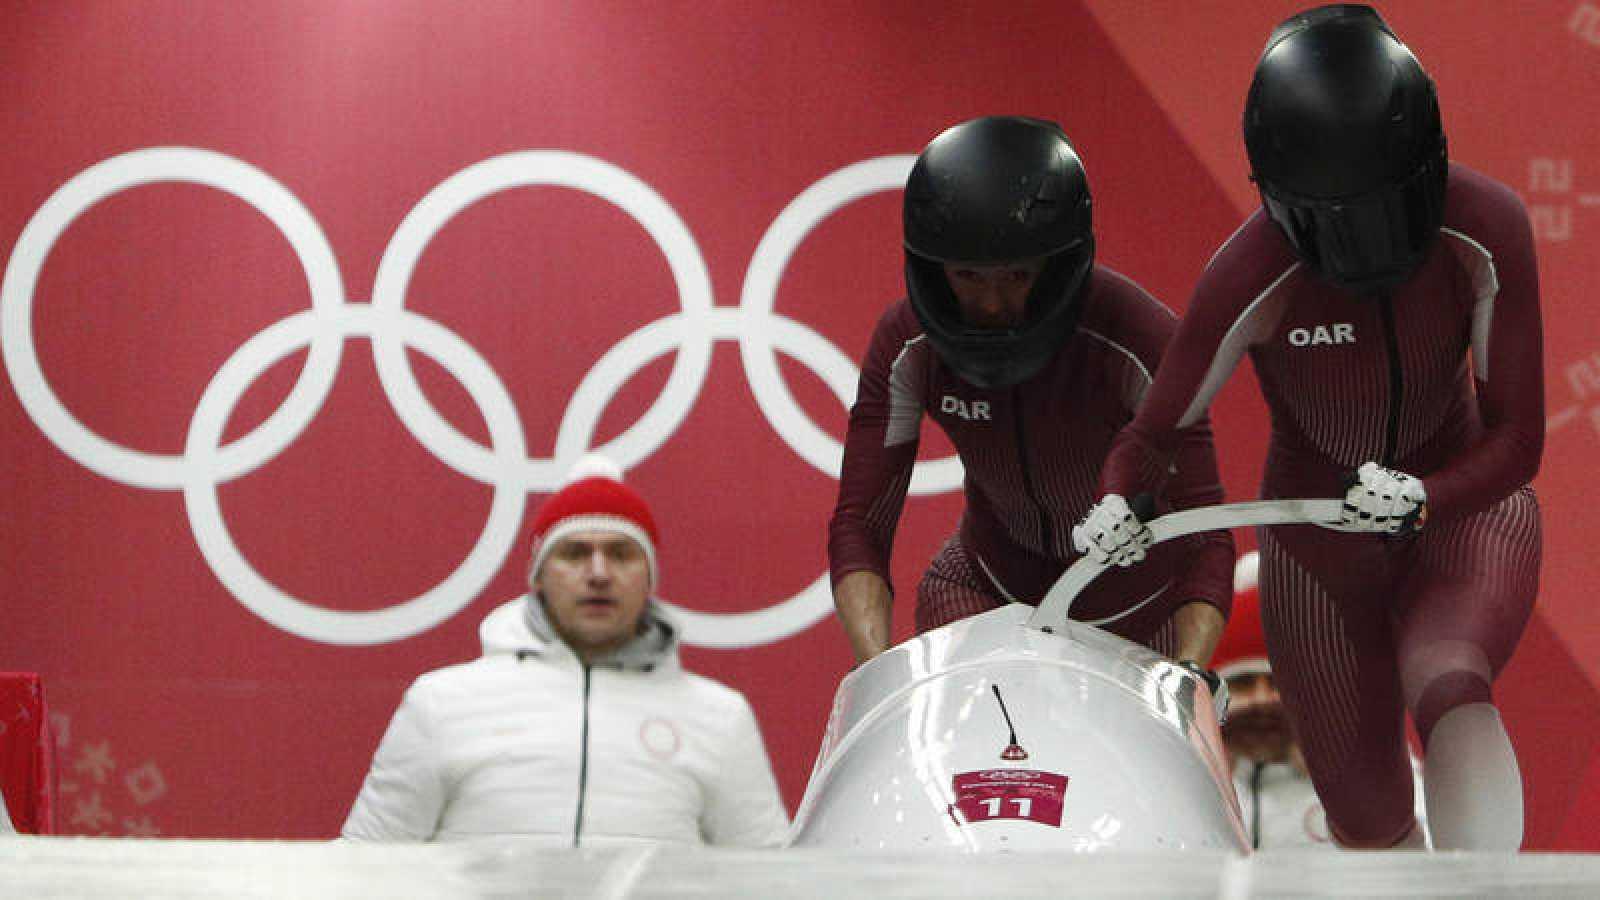 Nadezhda Sergeeva y Anastasia Kocherzhova compiten en bobsleigh en Pyeongchang.